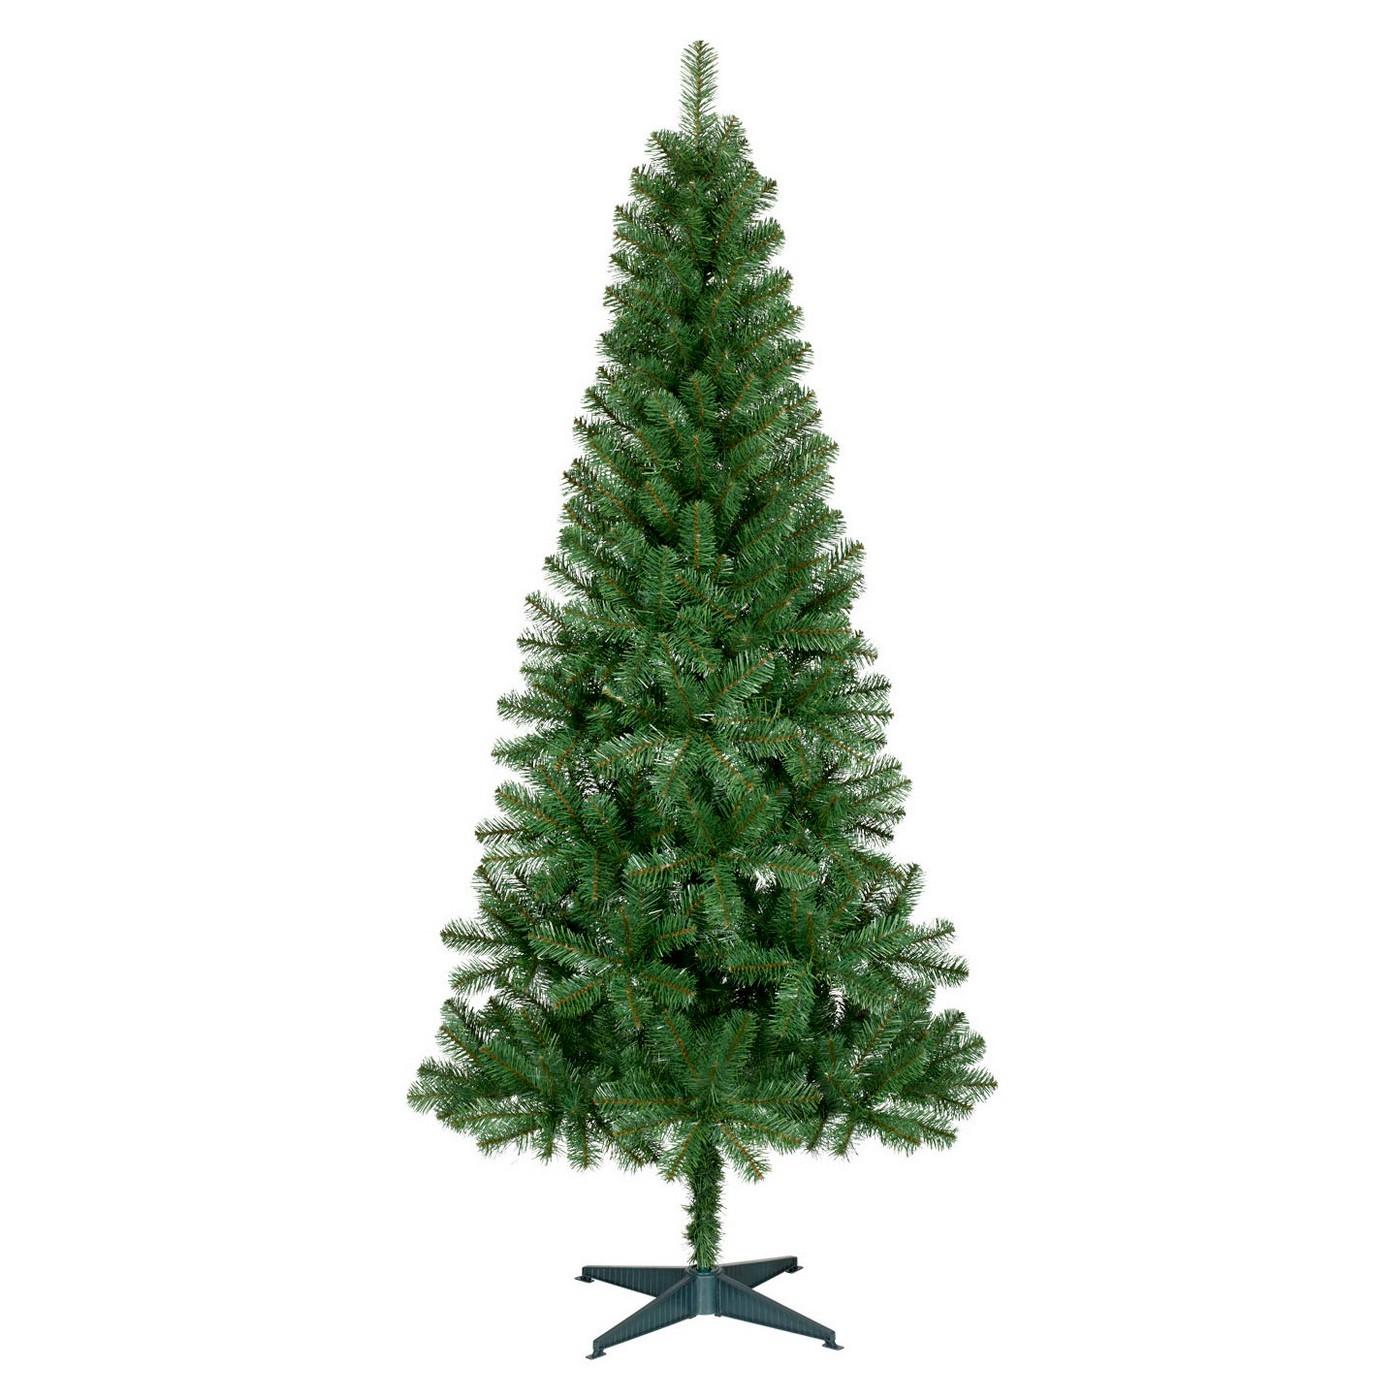 6ft Unlit Slim Artificial Christmas Tree Alberta Spruce - Wondershop™ - image 1 of 4